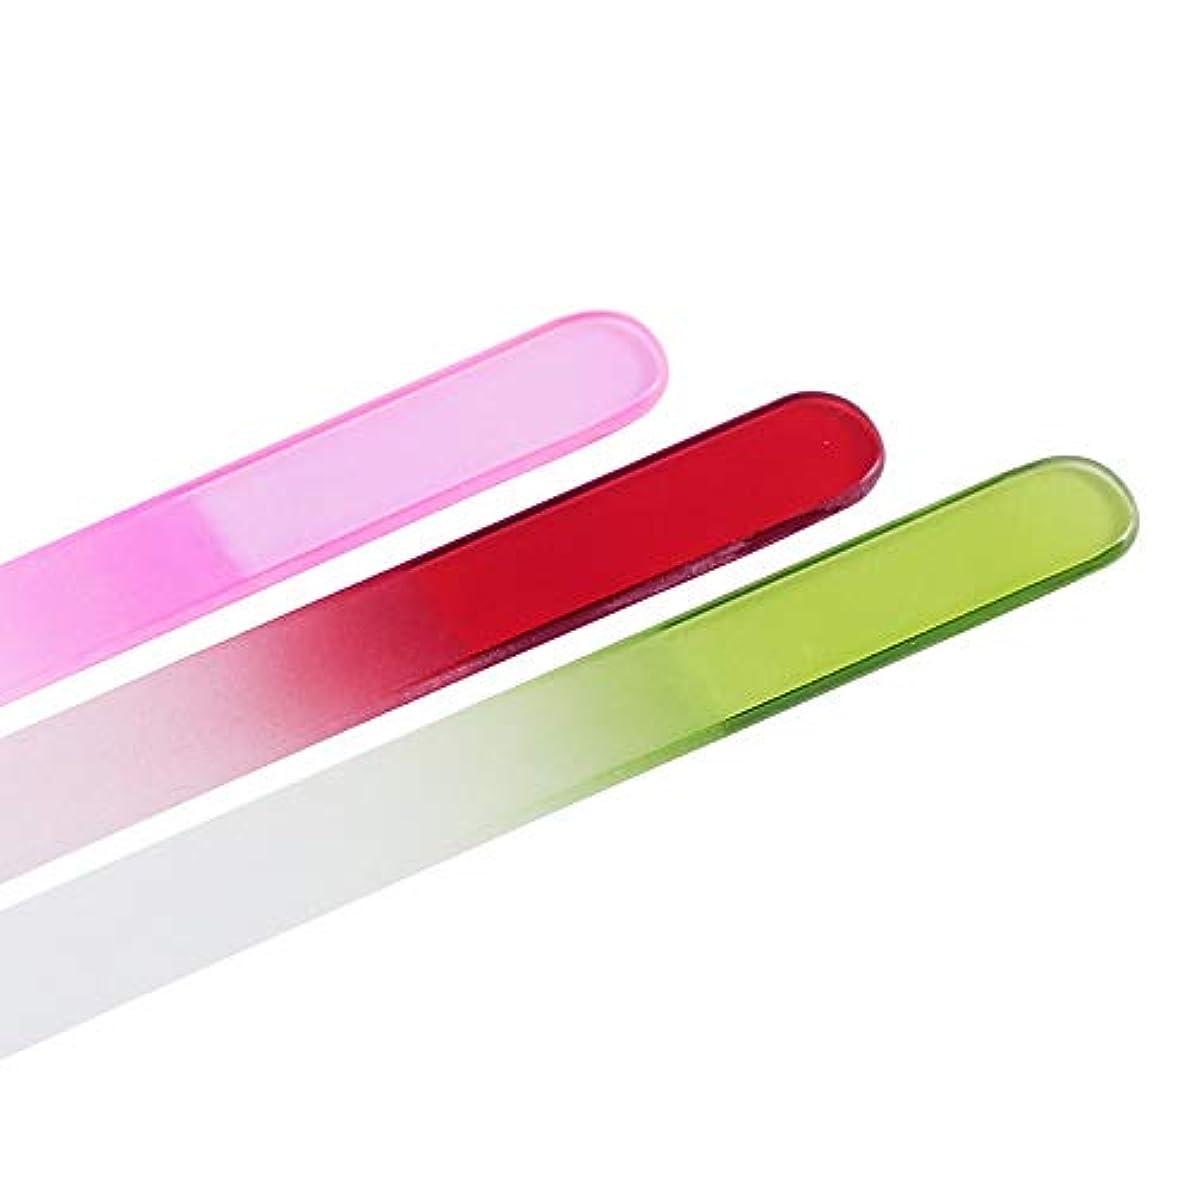 小道チャップこれら爪やすり 爪磨き ガラス製 つめやすり甘皮 ネイルケア 滑らかな仕上がり 爪ヤスリ 両面タイプ 水洗い可 子ども 携帯用 ネイルツール Moomai